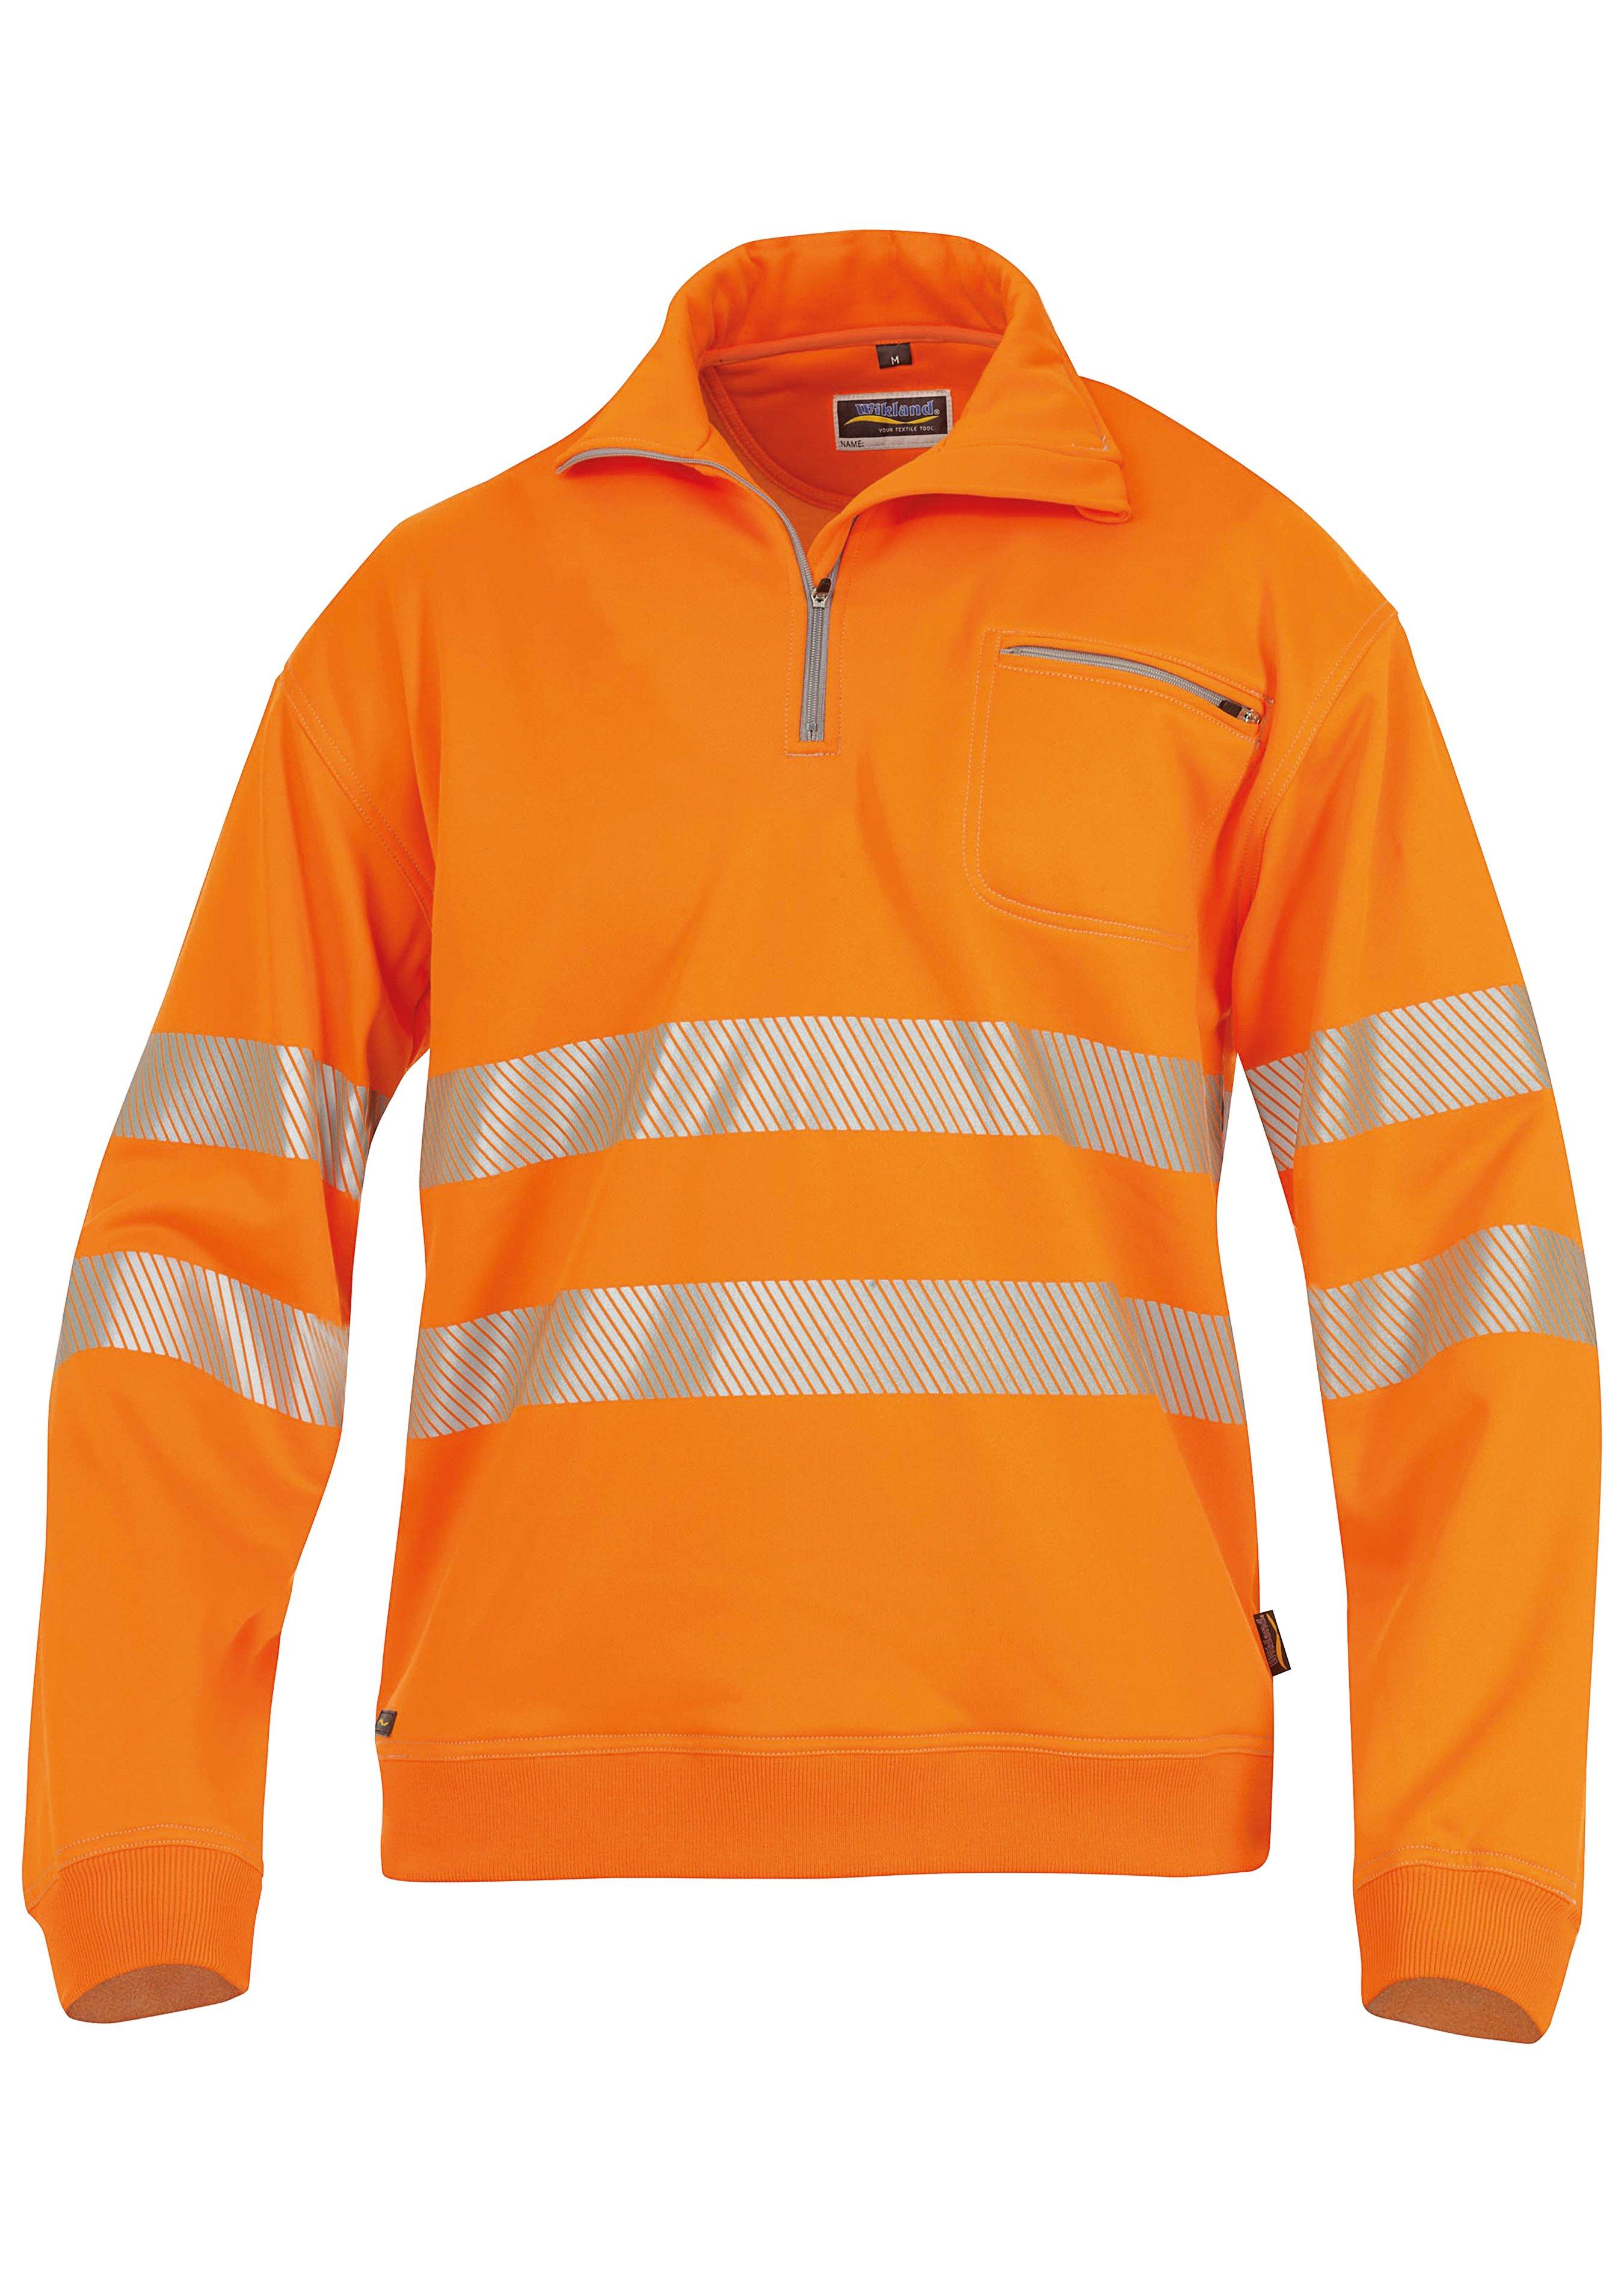 Wikland Warnschutz Zip-Sweatshirt 1323, EN 471 Kl. 3 172454L 1